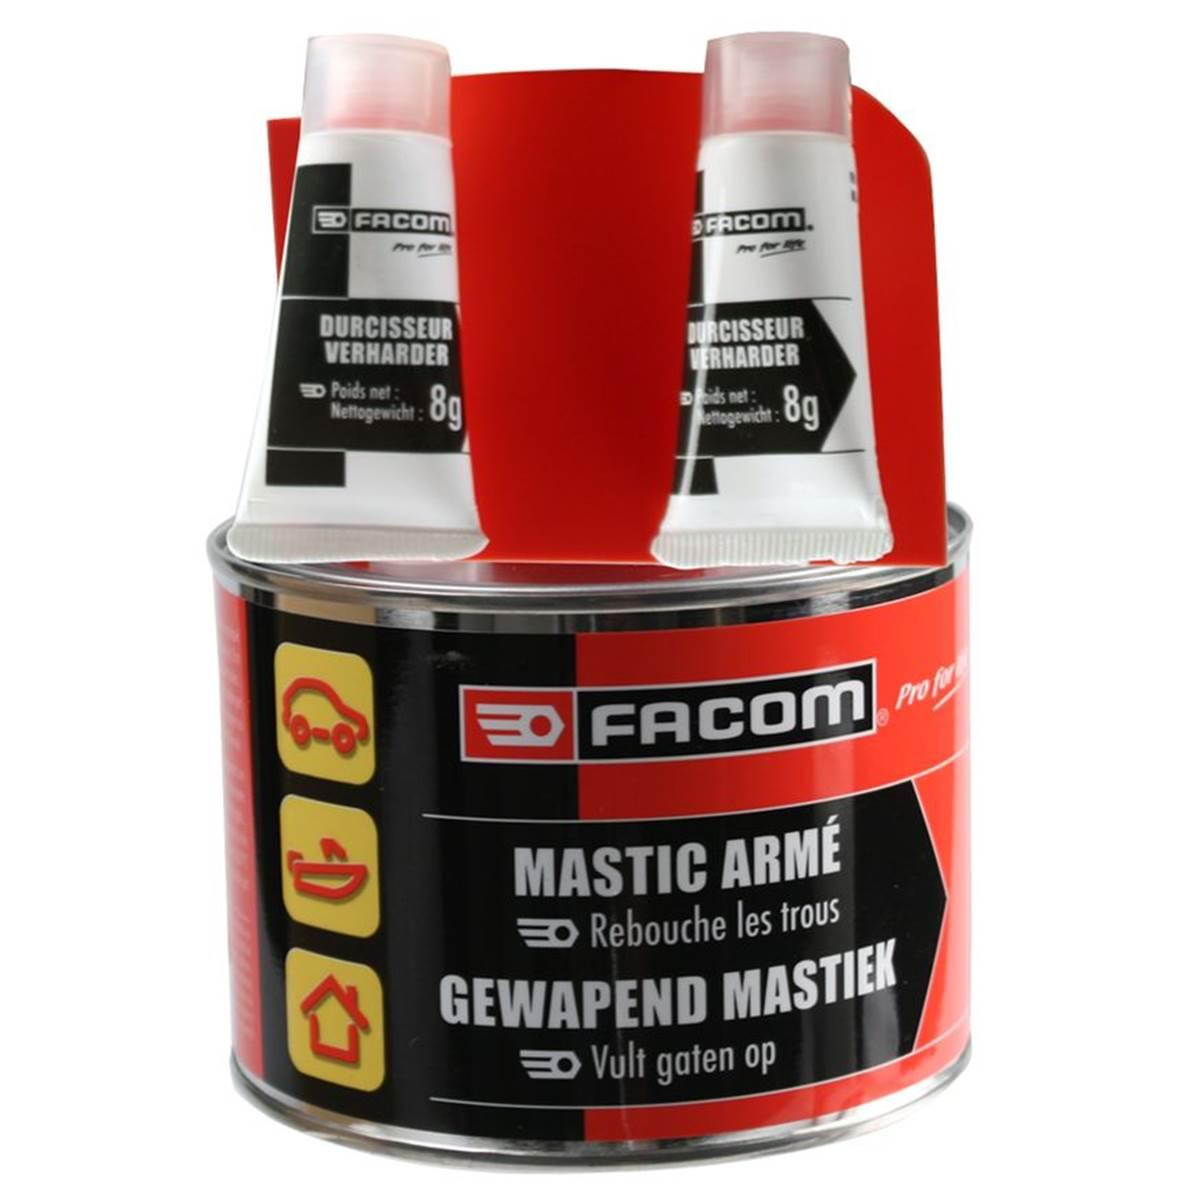 Mastic polyester armé Facom 600 g